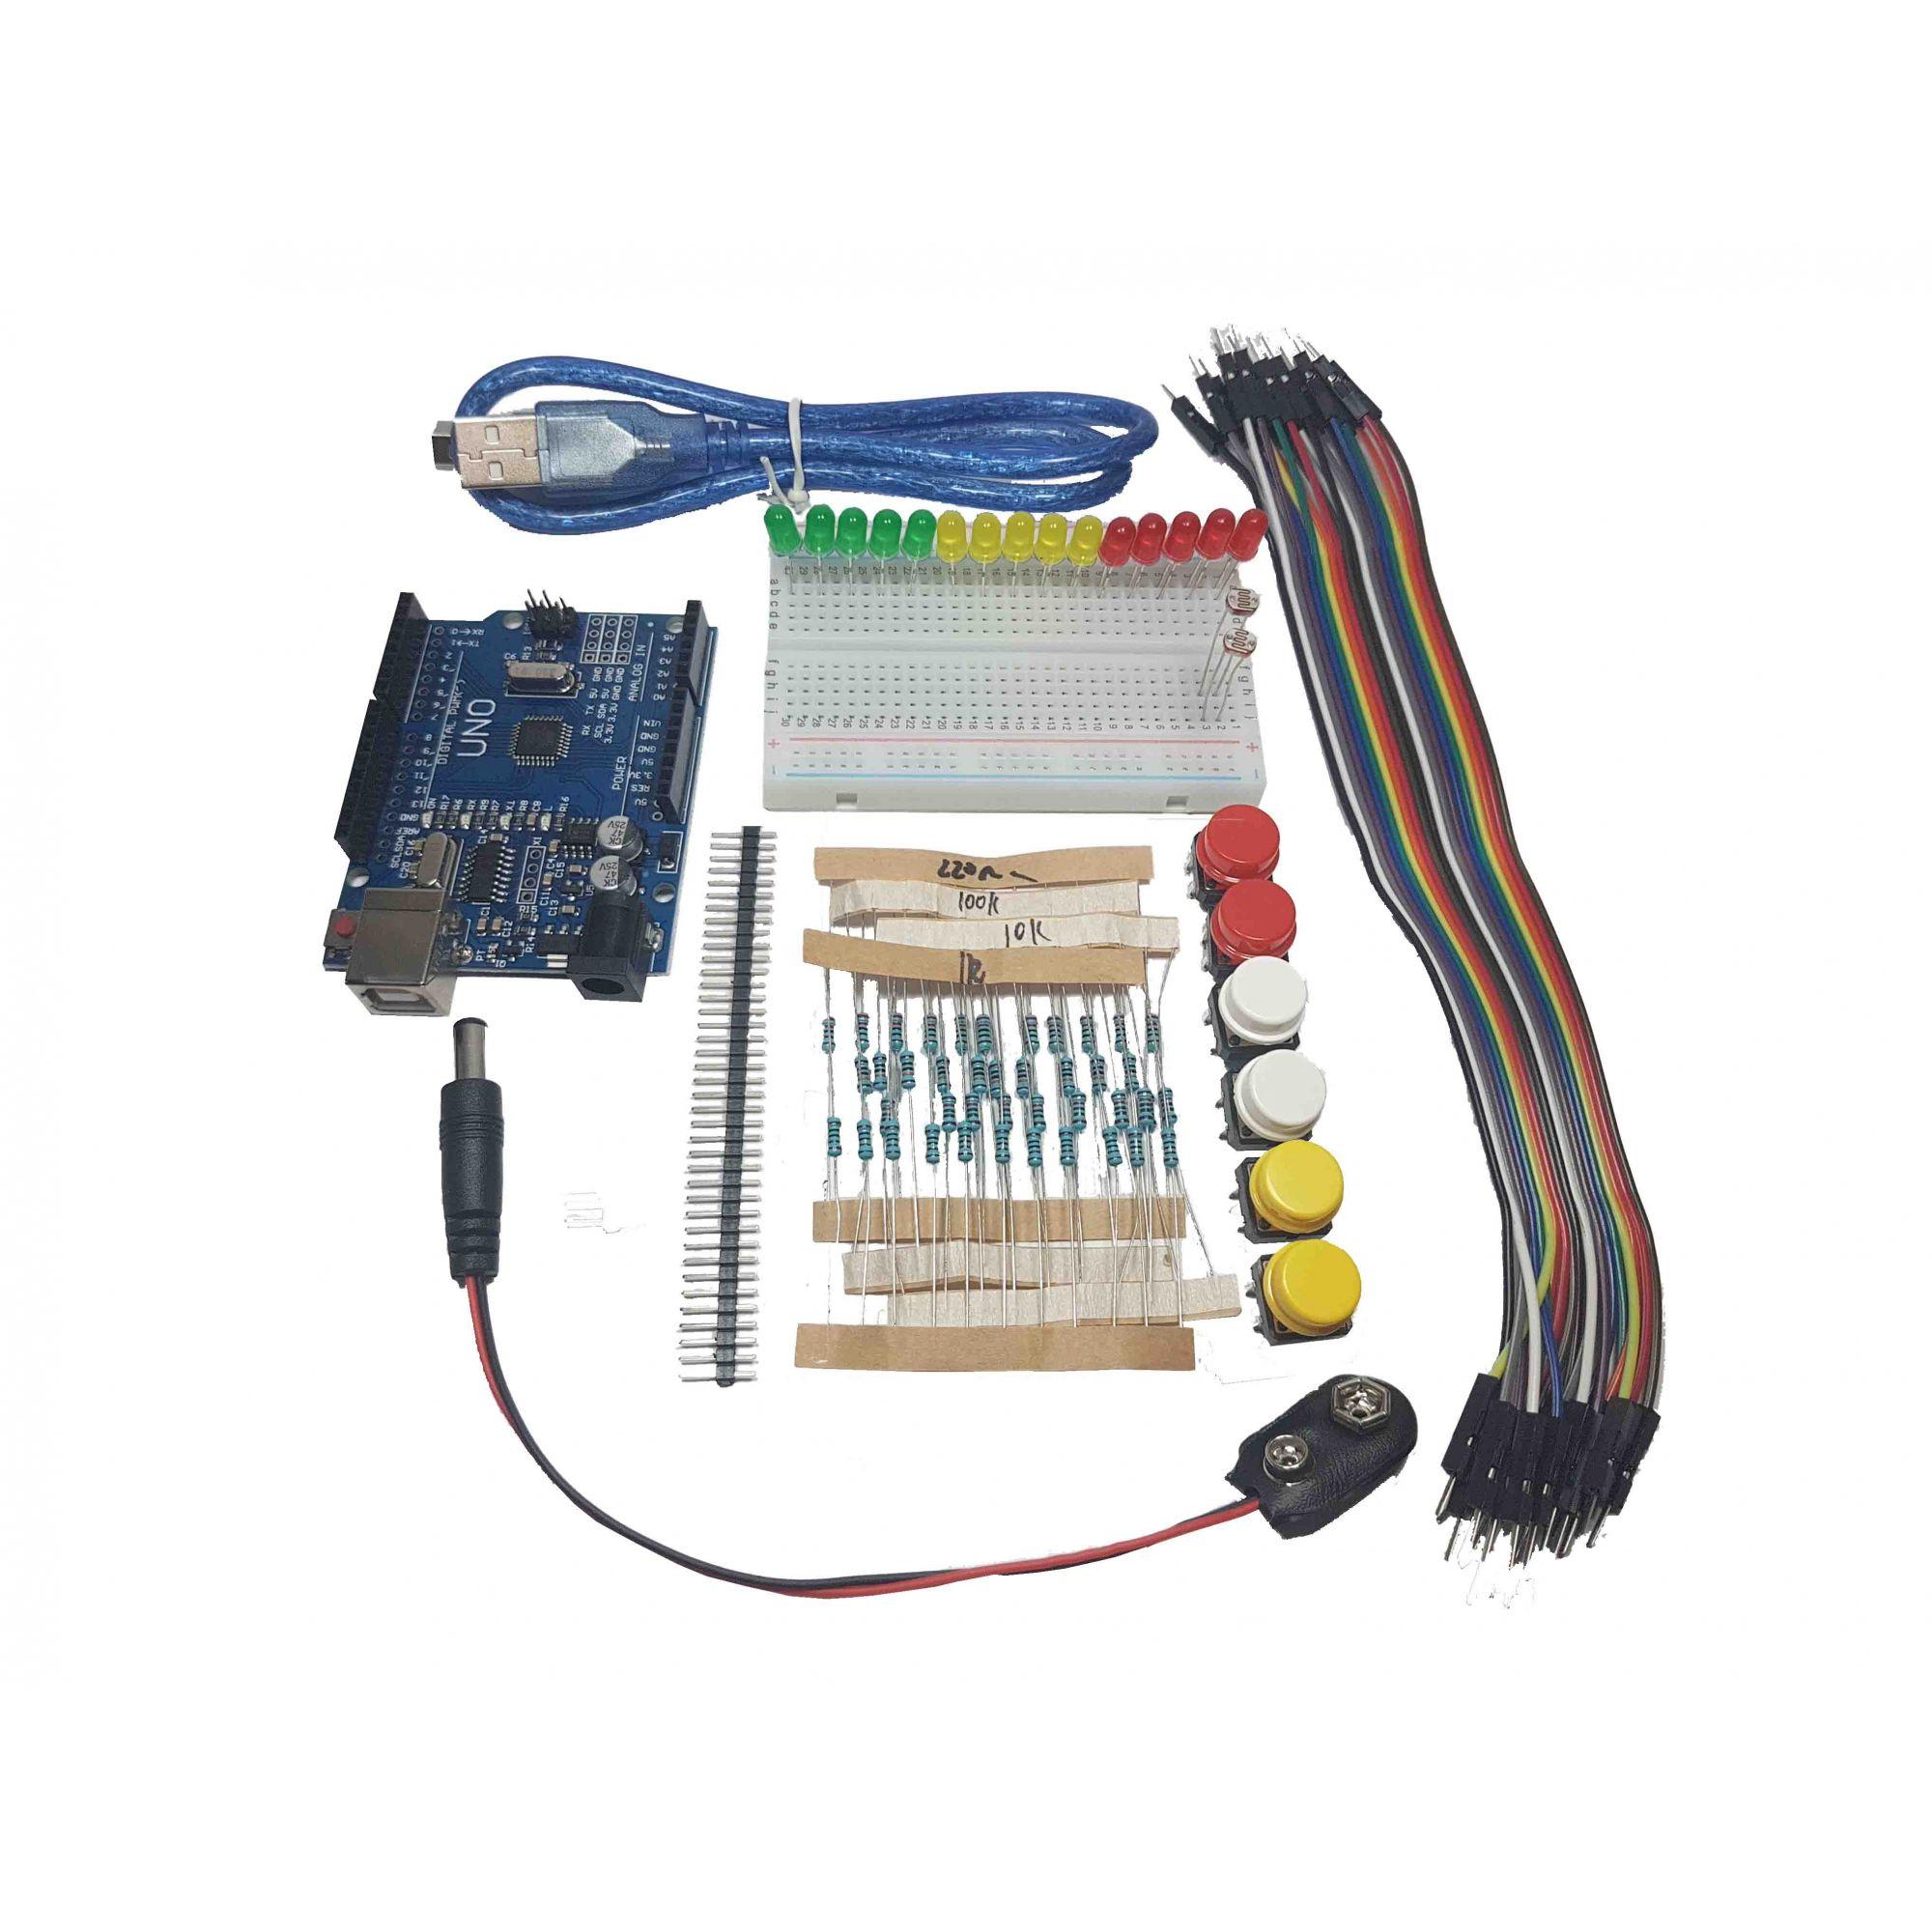 kit iniciante 1 com Placa uno ch 340g